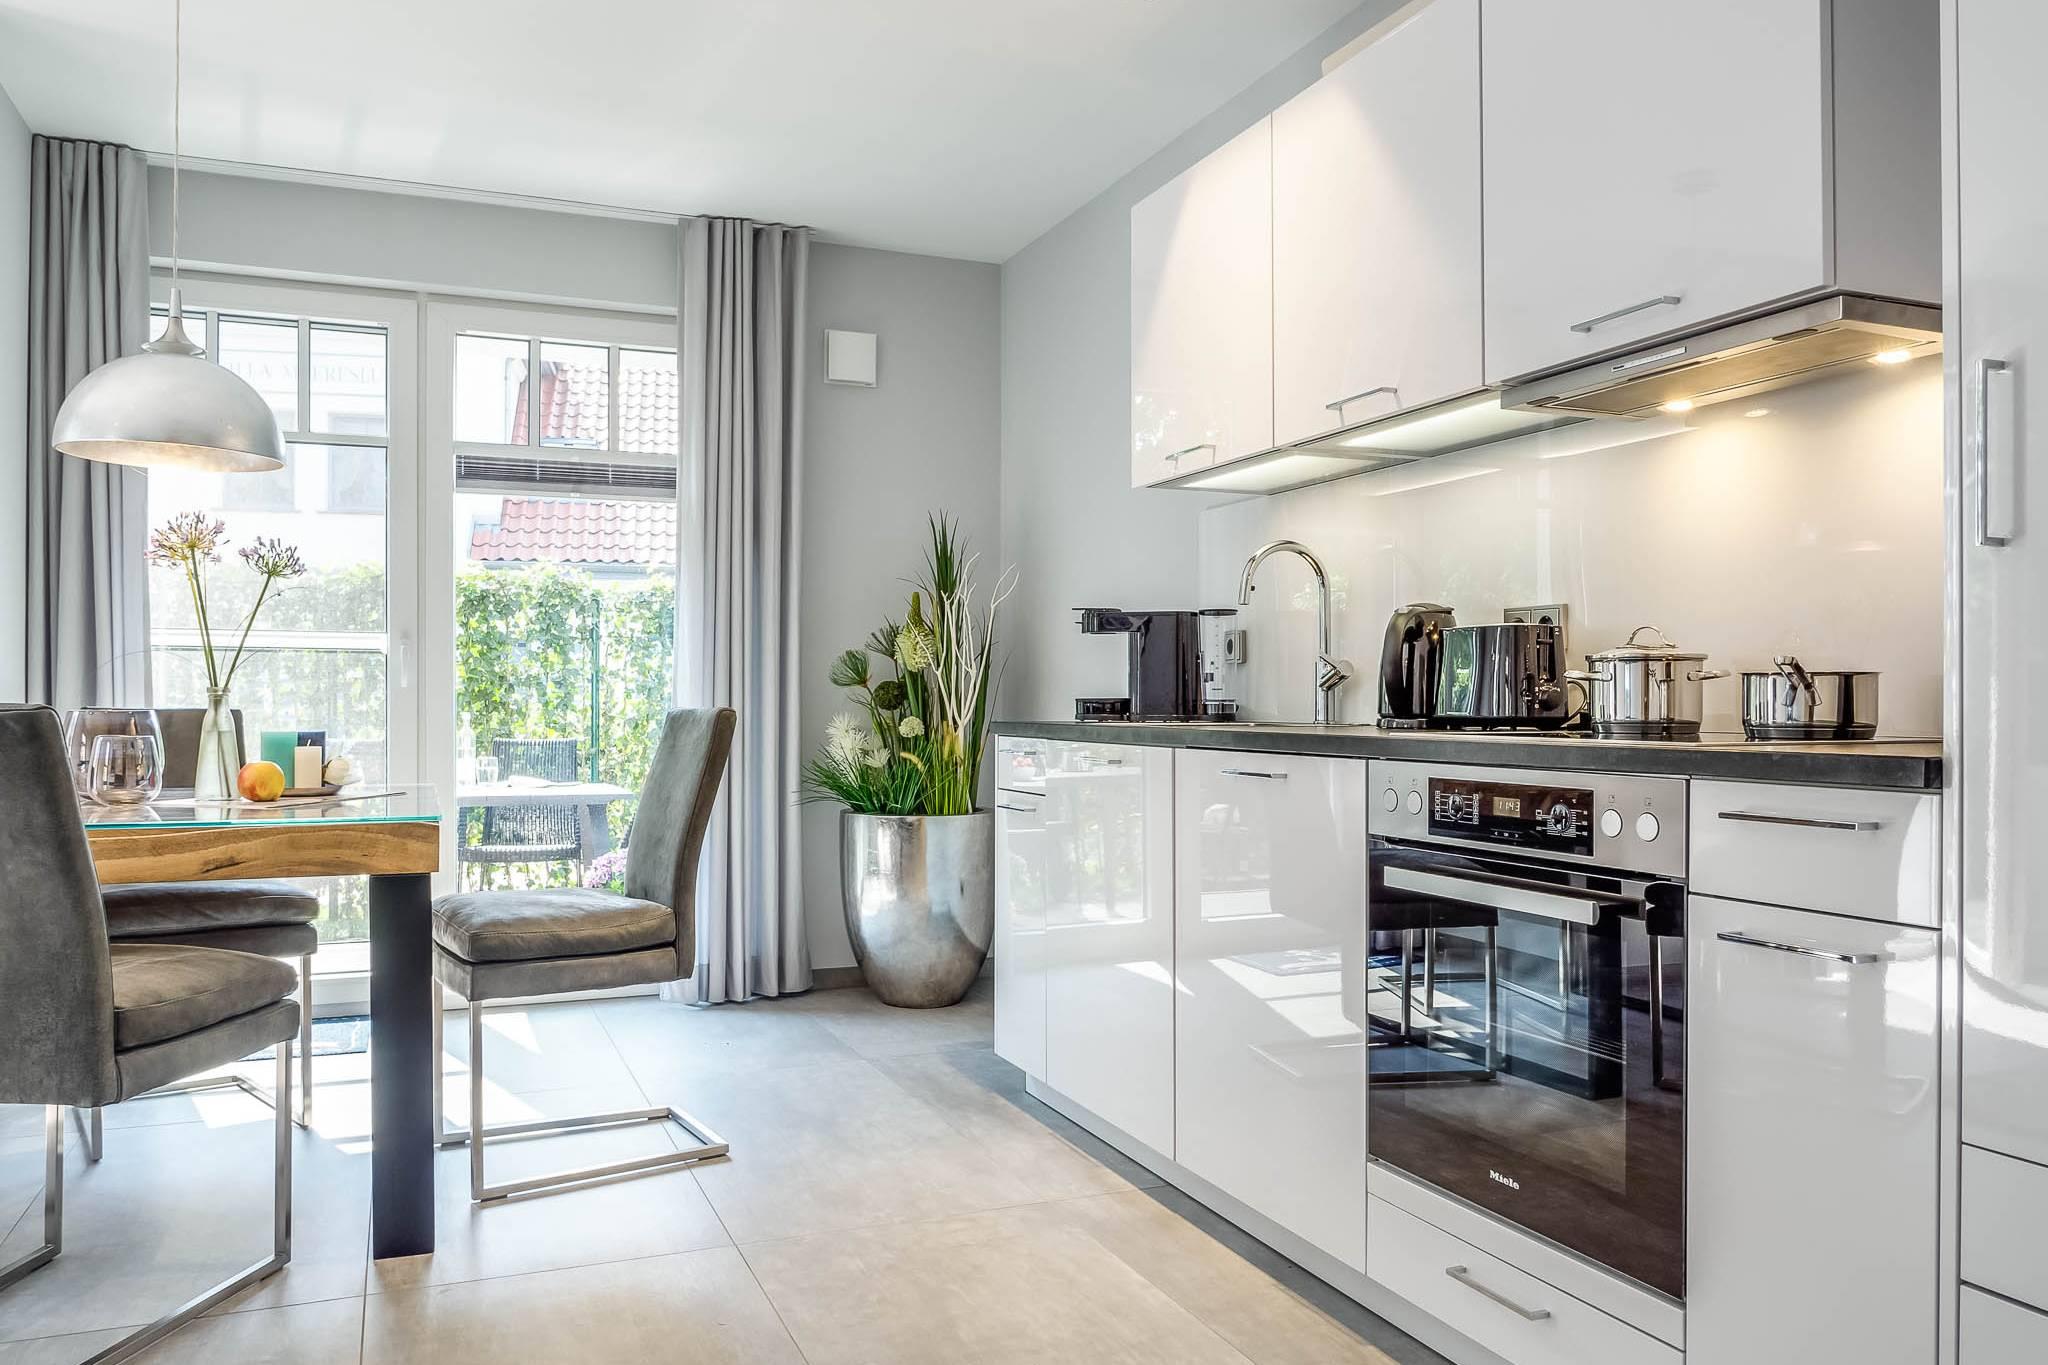 Ferienwohnung meerle 2 – Offene Küche